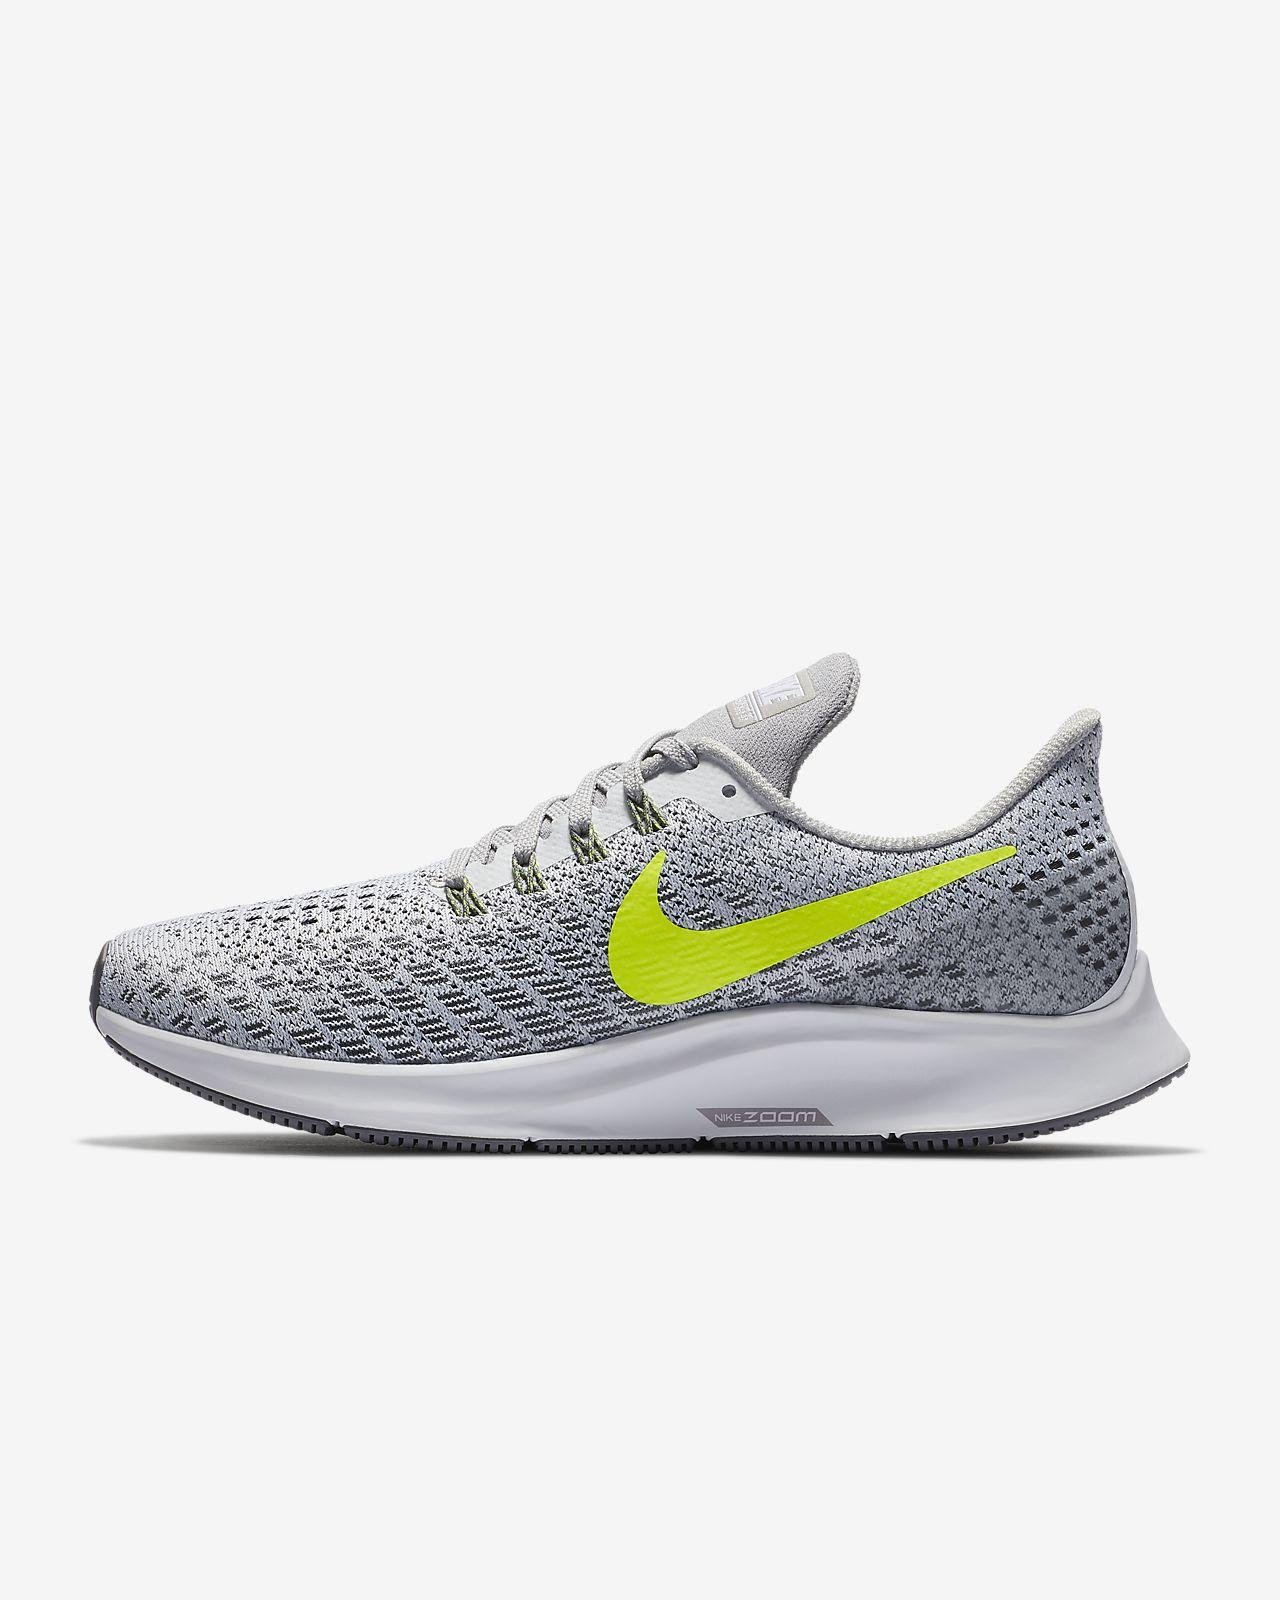 Dámská běžecká bota Nike Air Zoom Pegasus 35. Nike.com CZ efb4547883f